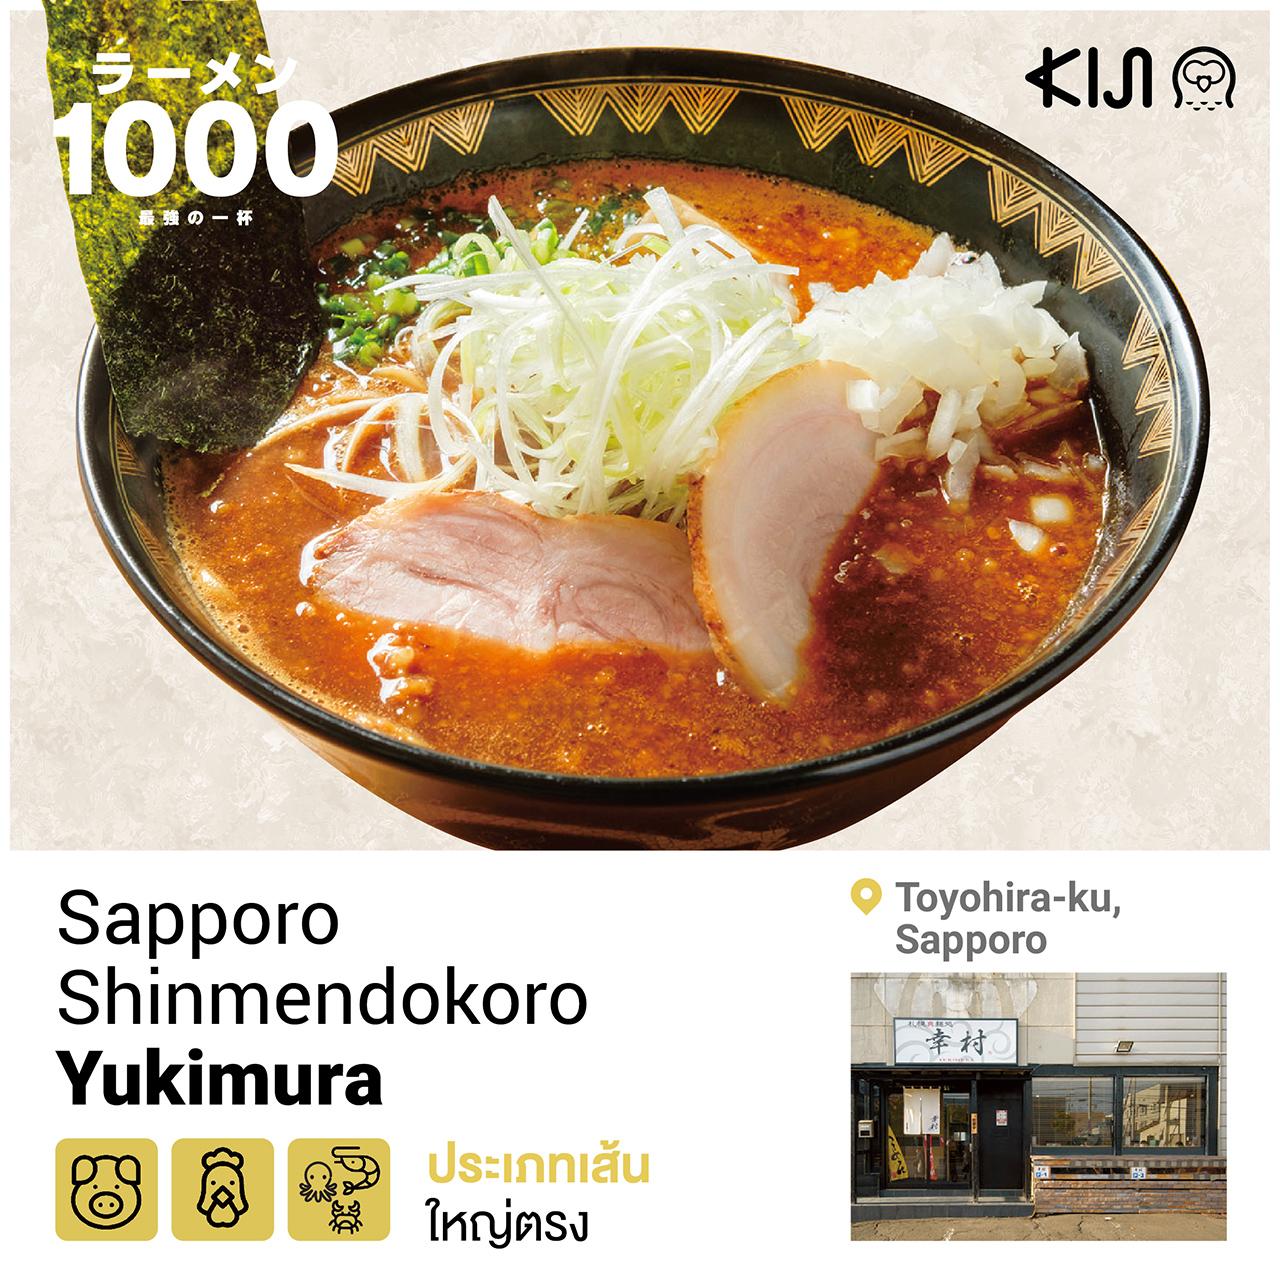 ร้านราเมน เขตโทโยฮิระ เมืองซัปโปโร จ.ฮอกไกโด - Sapporo Shinmendokoro Yukimura